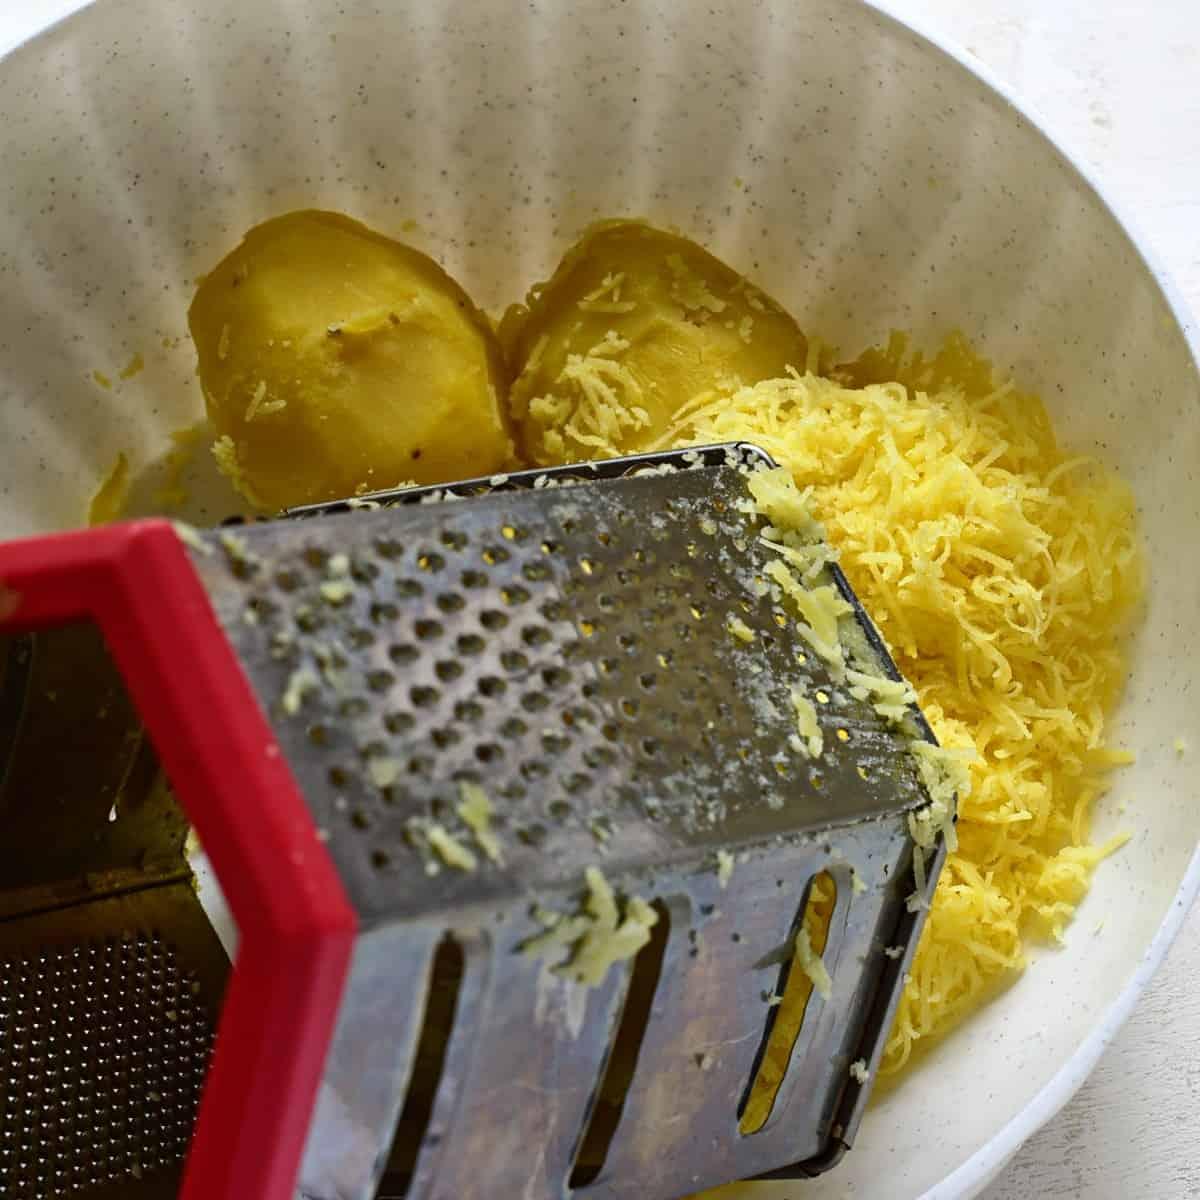 Grating potatoes.